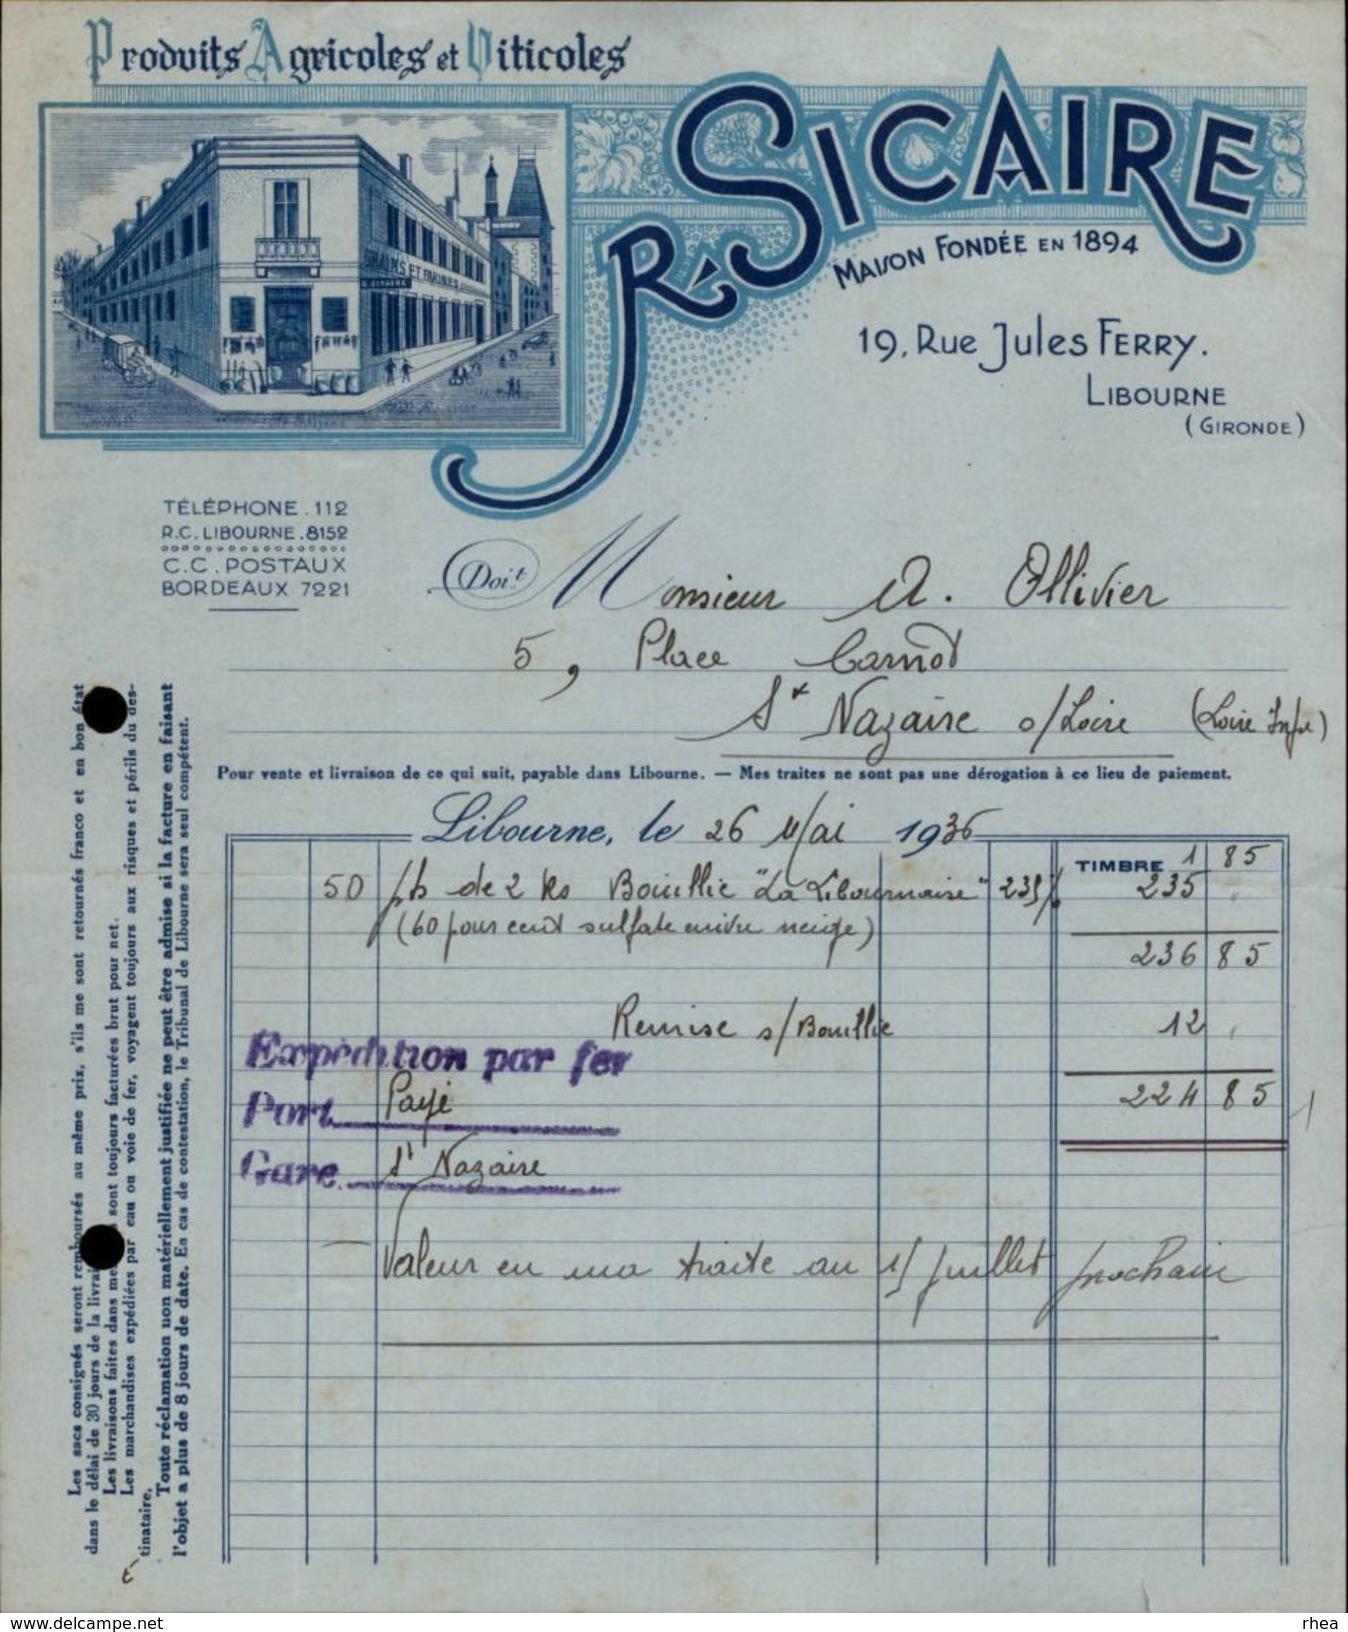 33 - LIBOURNE - FACTURE - Produits Agricoles Et Viticoles - R. Sicaire - Agriculture